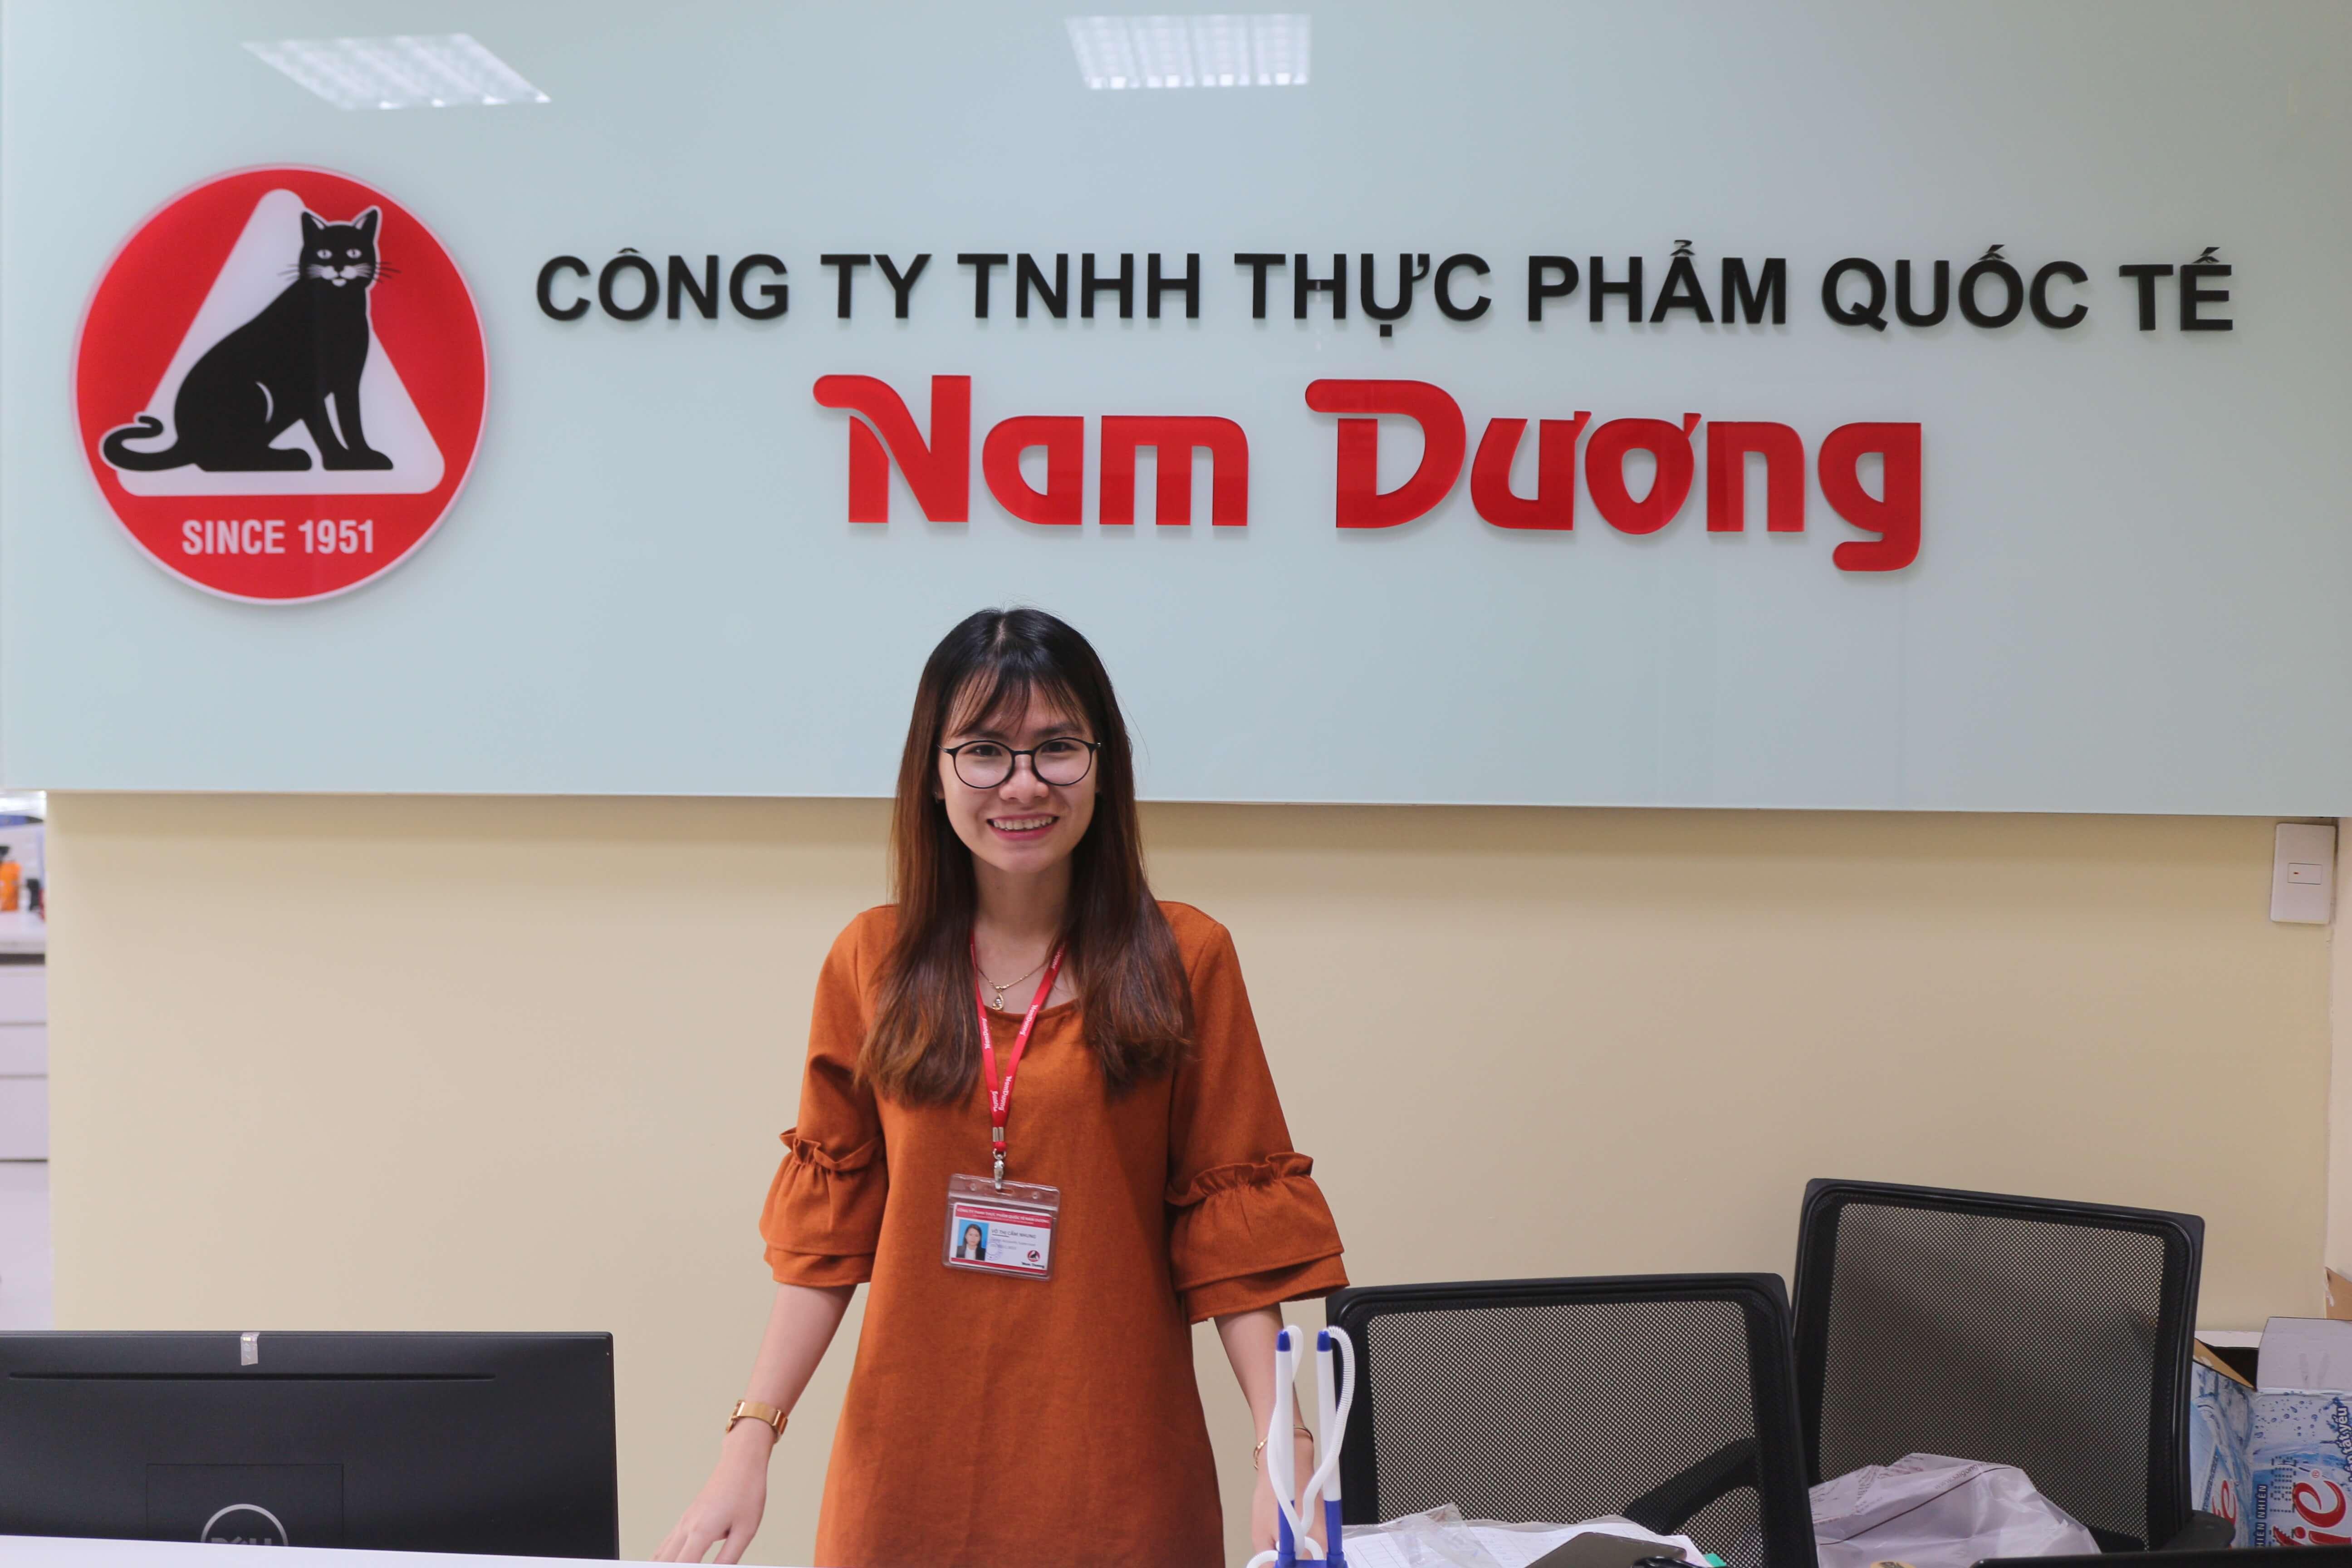 Võ Thị Cẩm Nhung